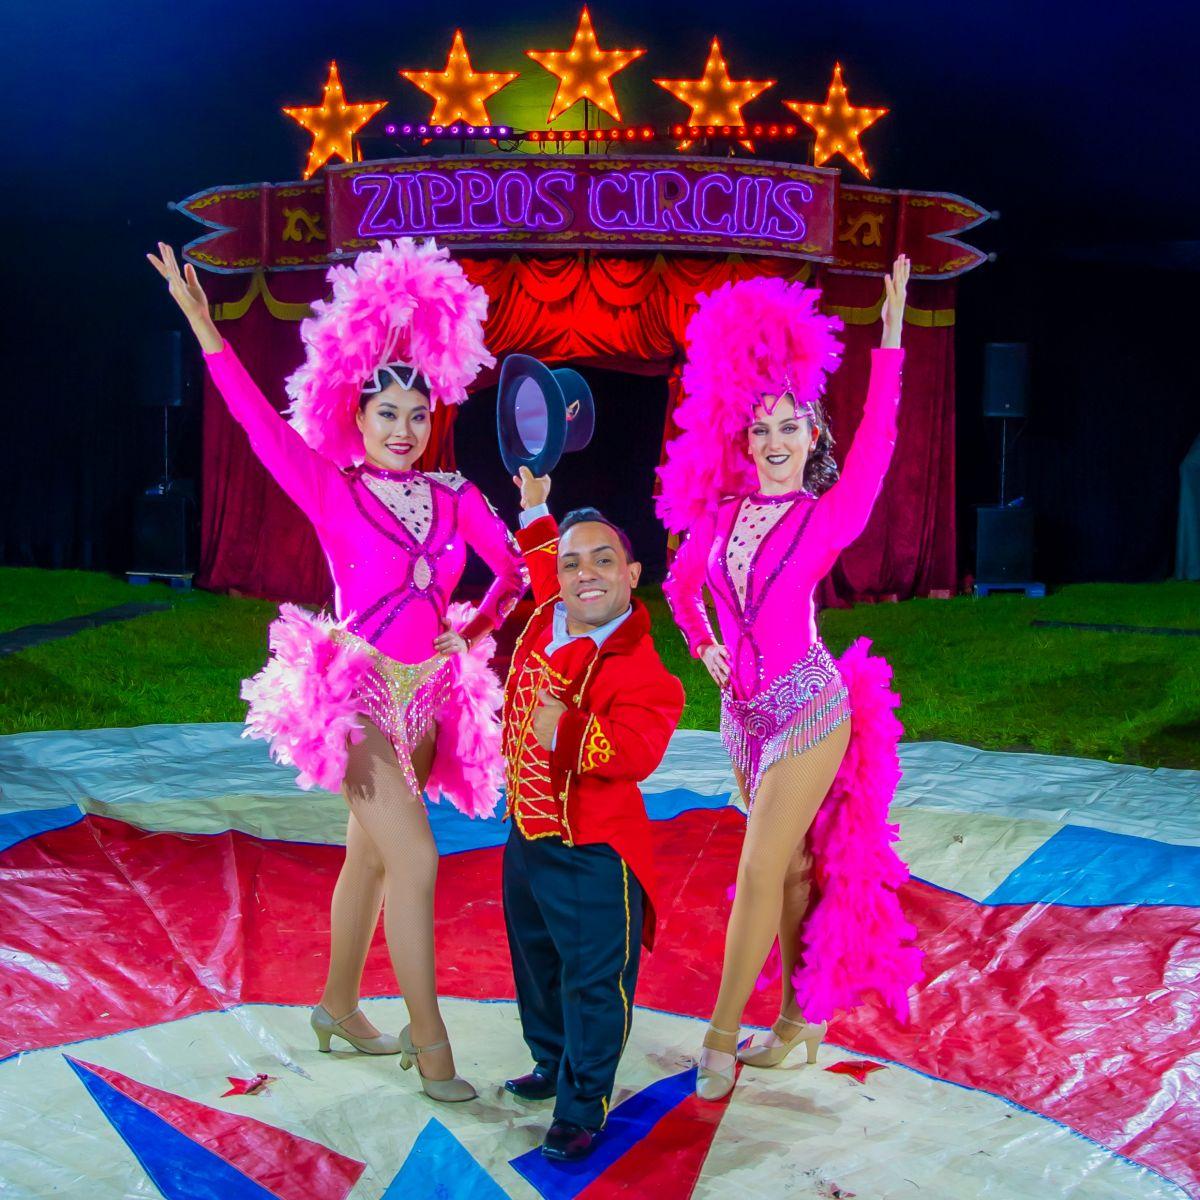 Paulo dos Santos & Showgirls (2) Photographer credit: Piet-Hein Out